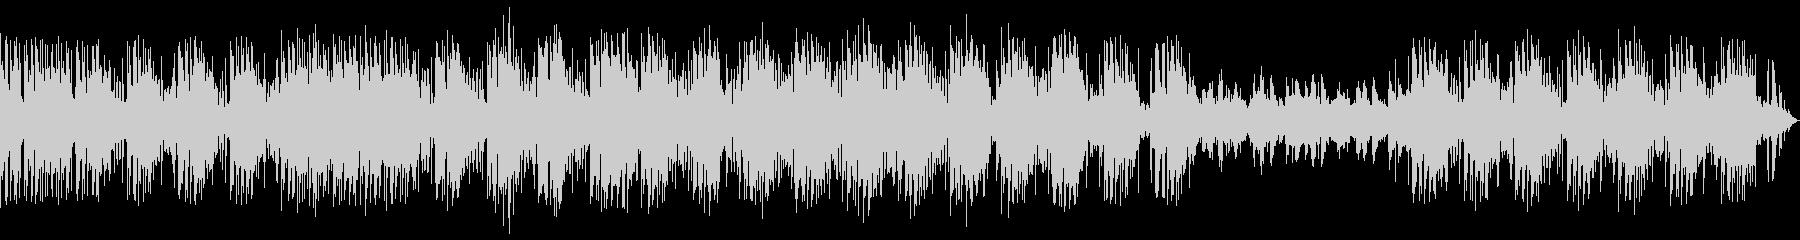 独特な雰囲気で響きが特徴的なメロディーの未再生の波形